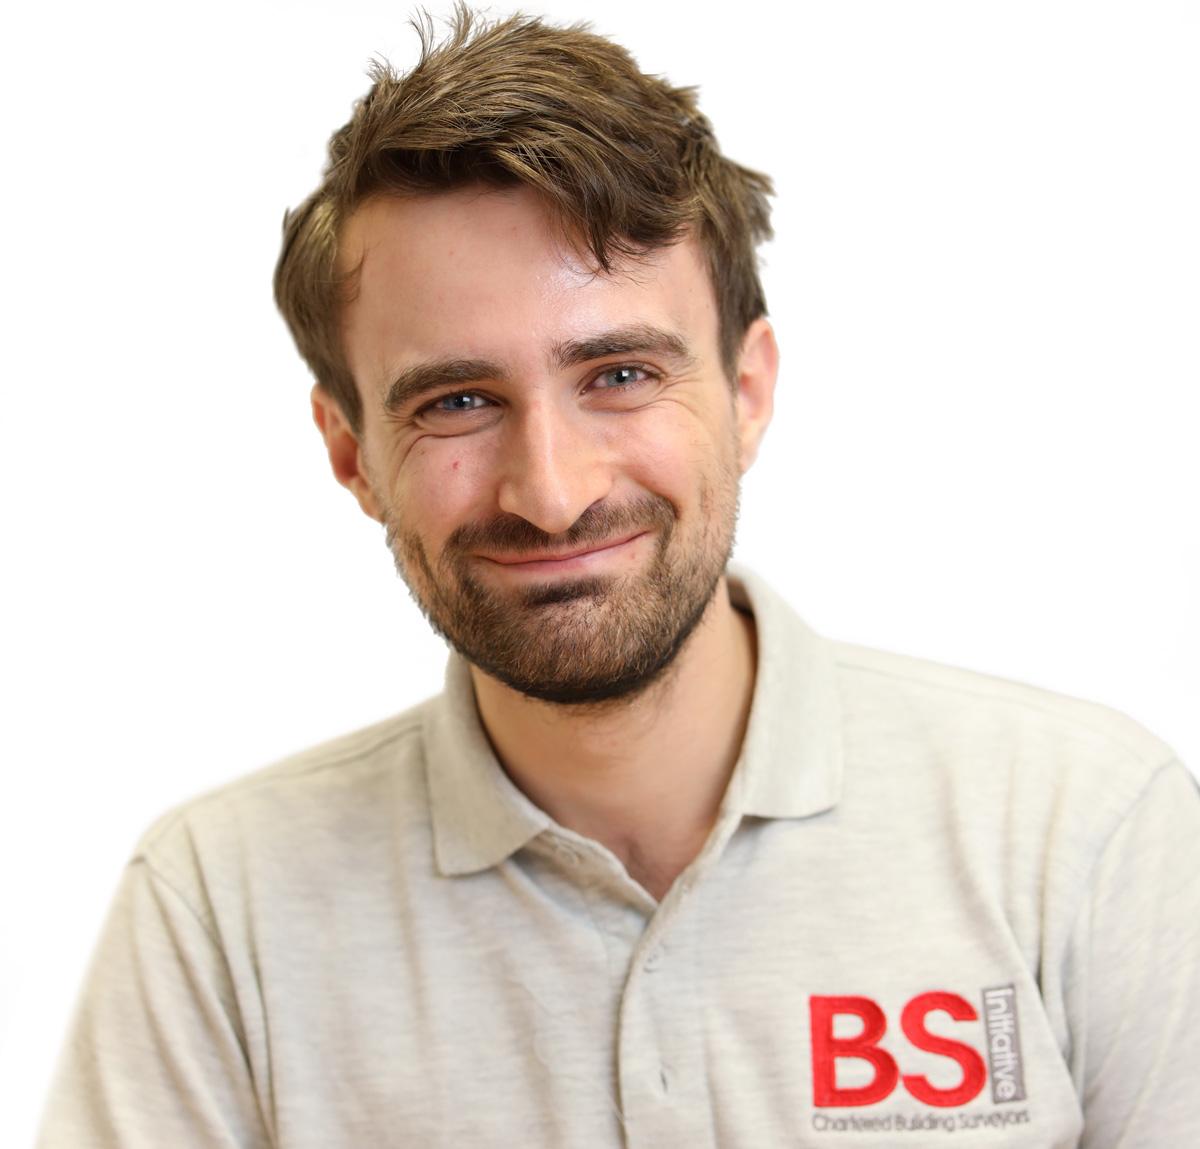 Alexander Browne